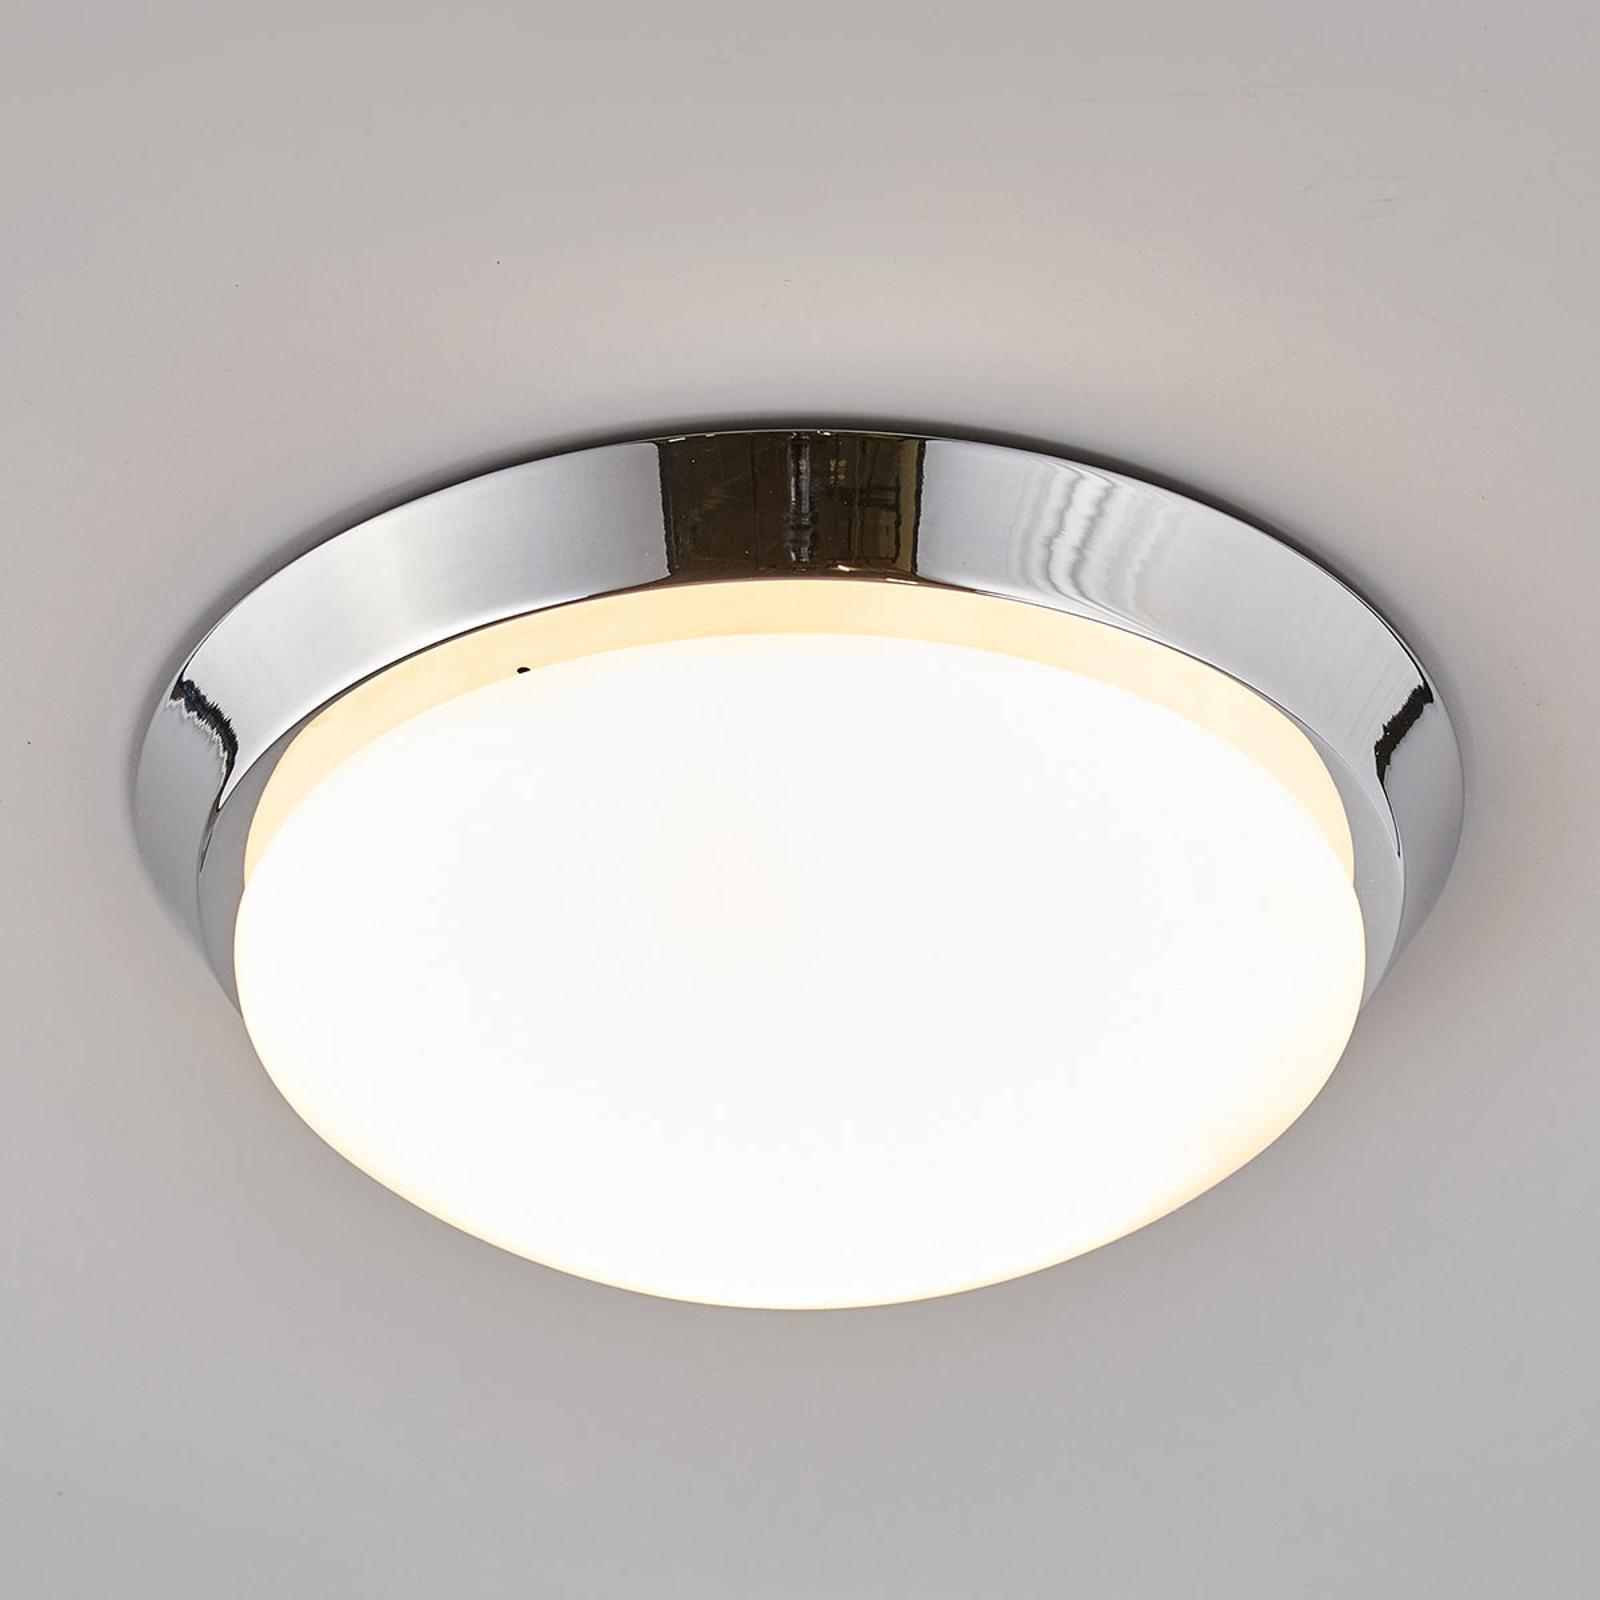 Okrągła lampa sufitowa Dilani do łazienki